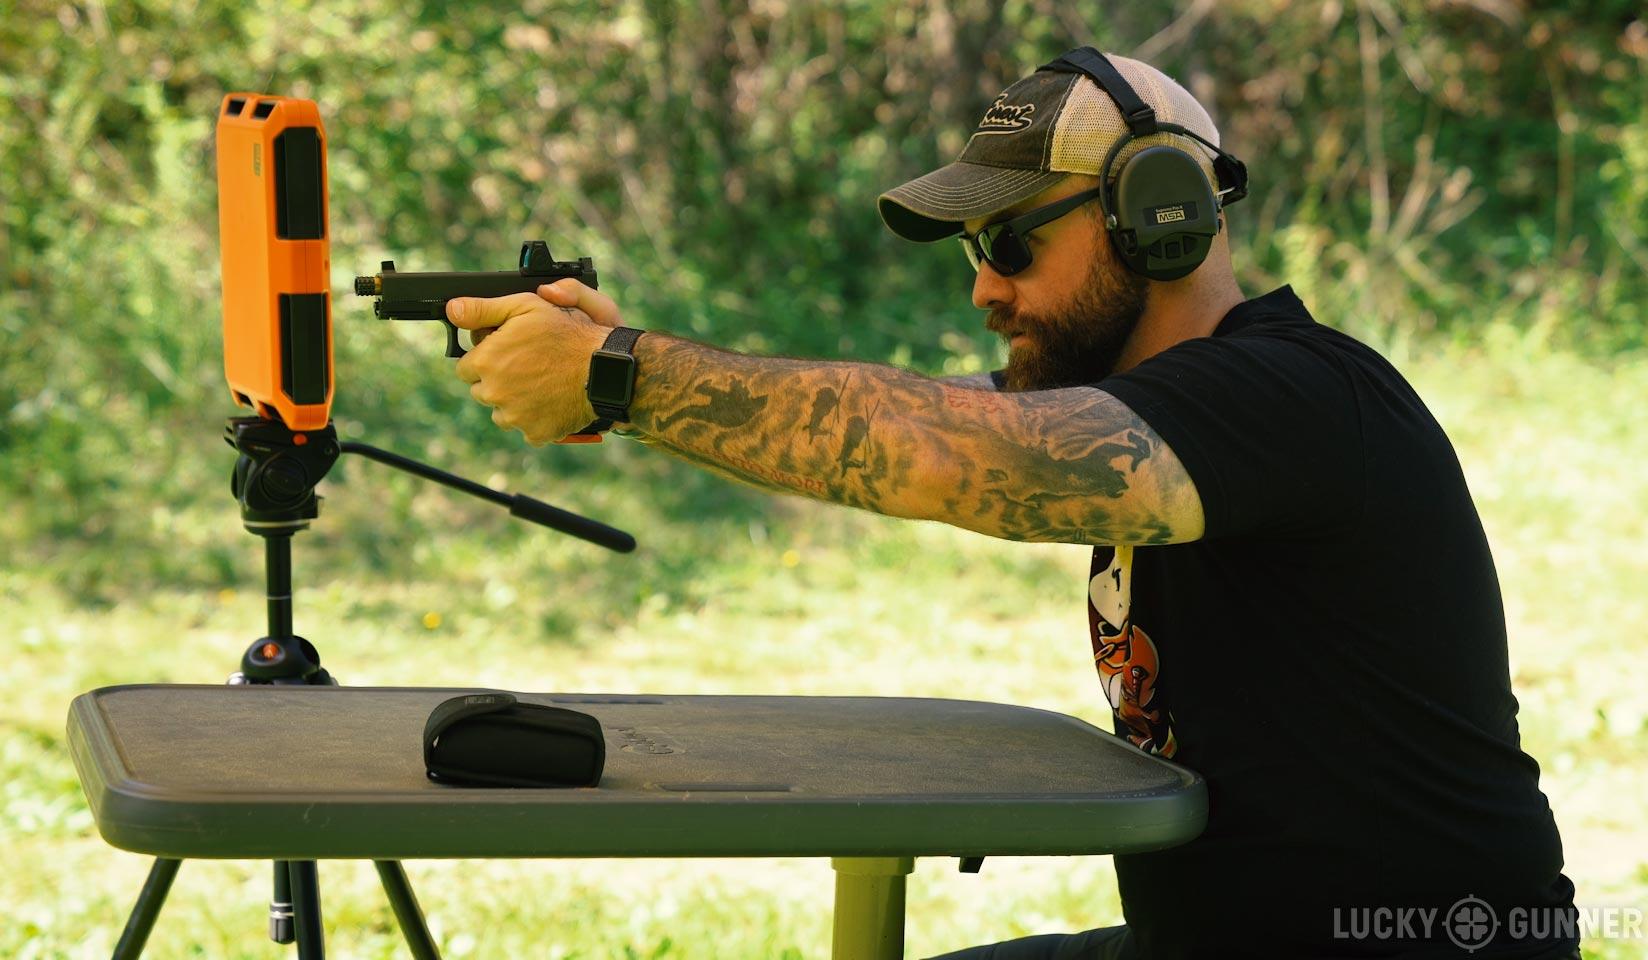 Shooting a Glock 19 at 100 yards